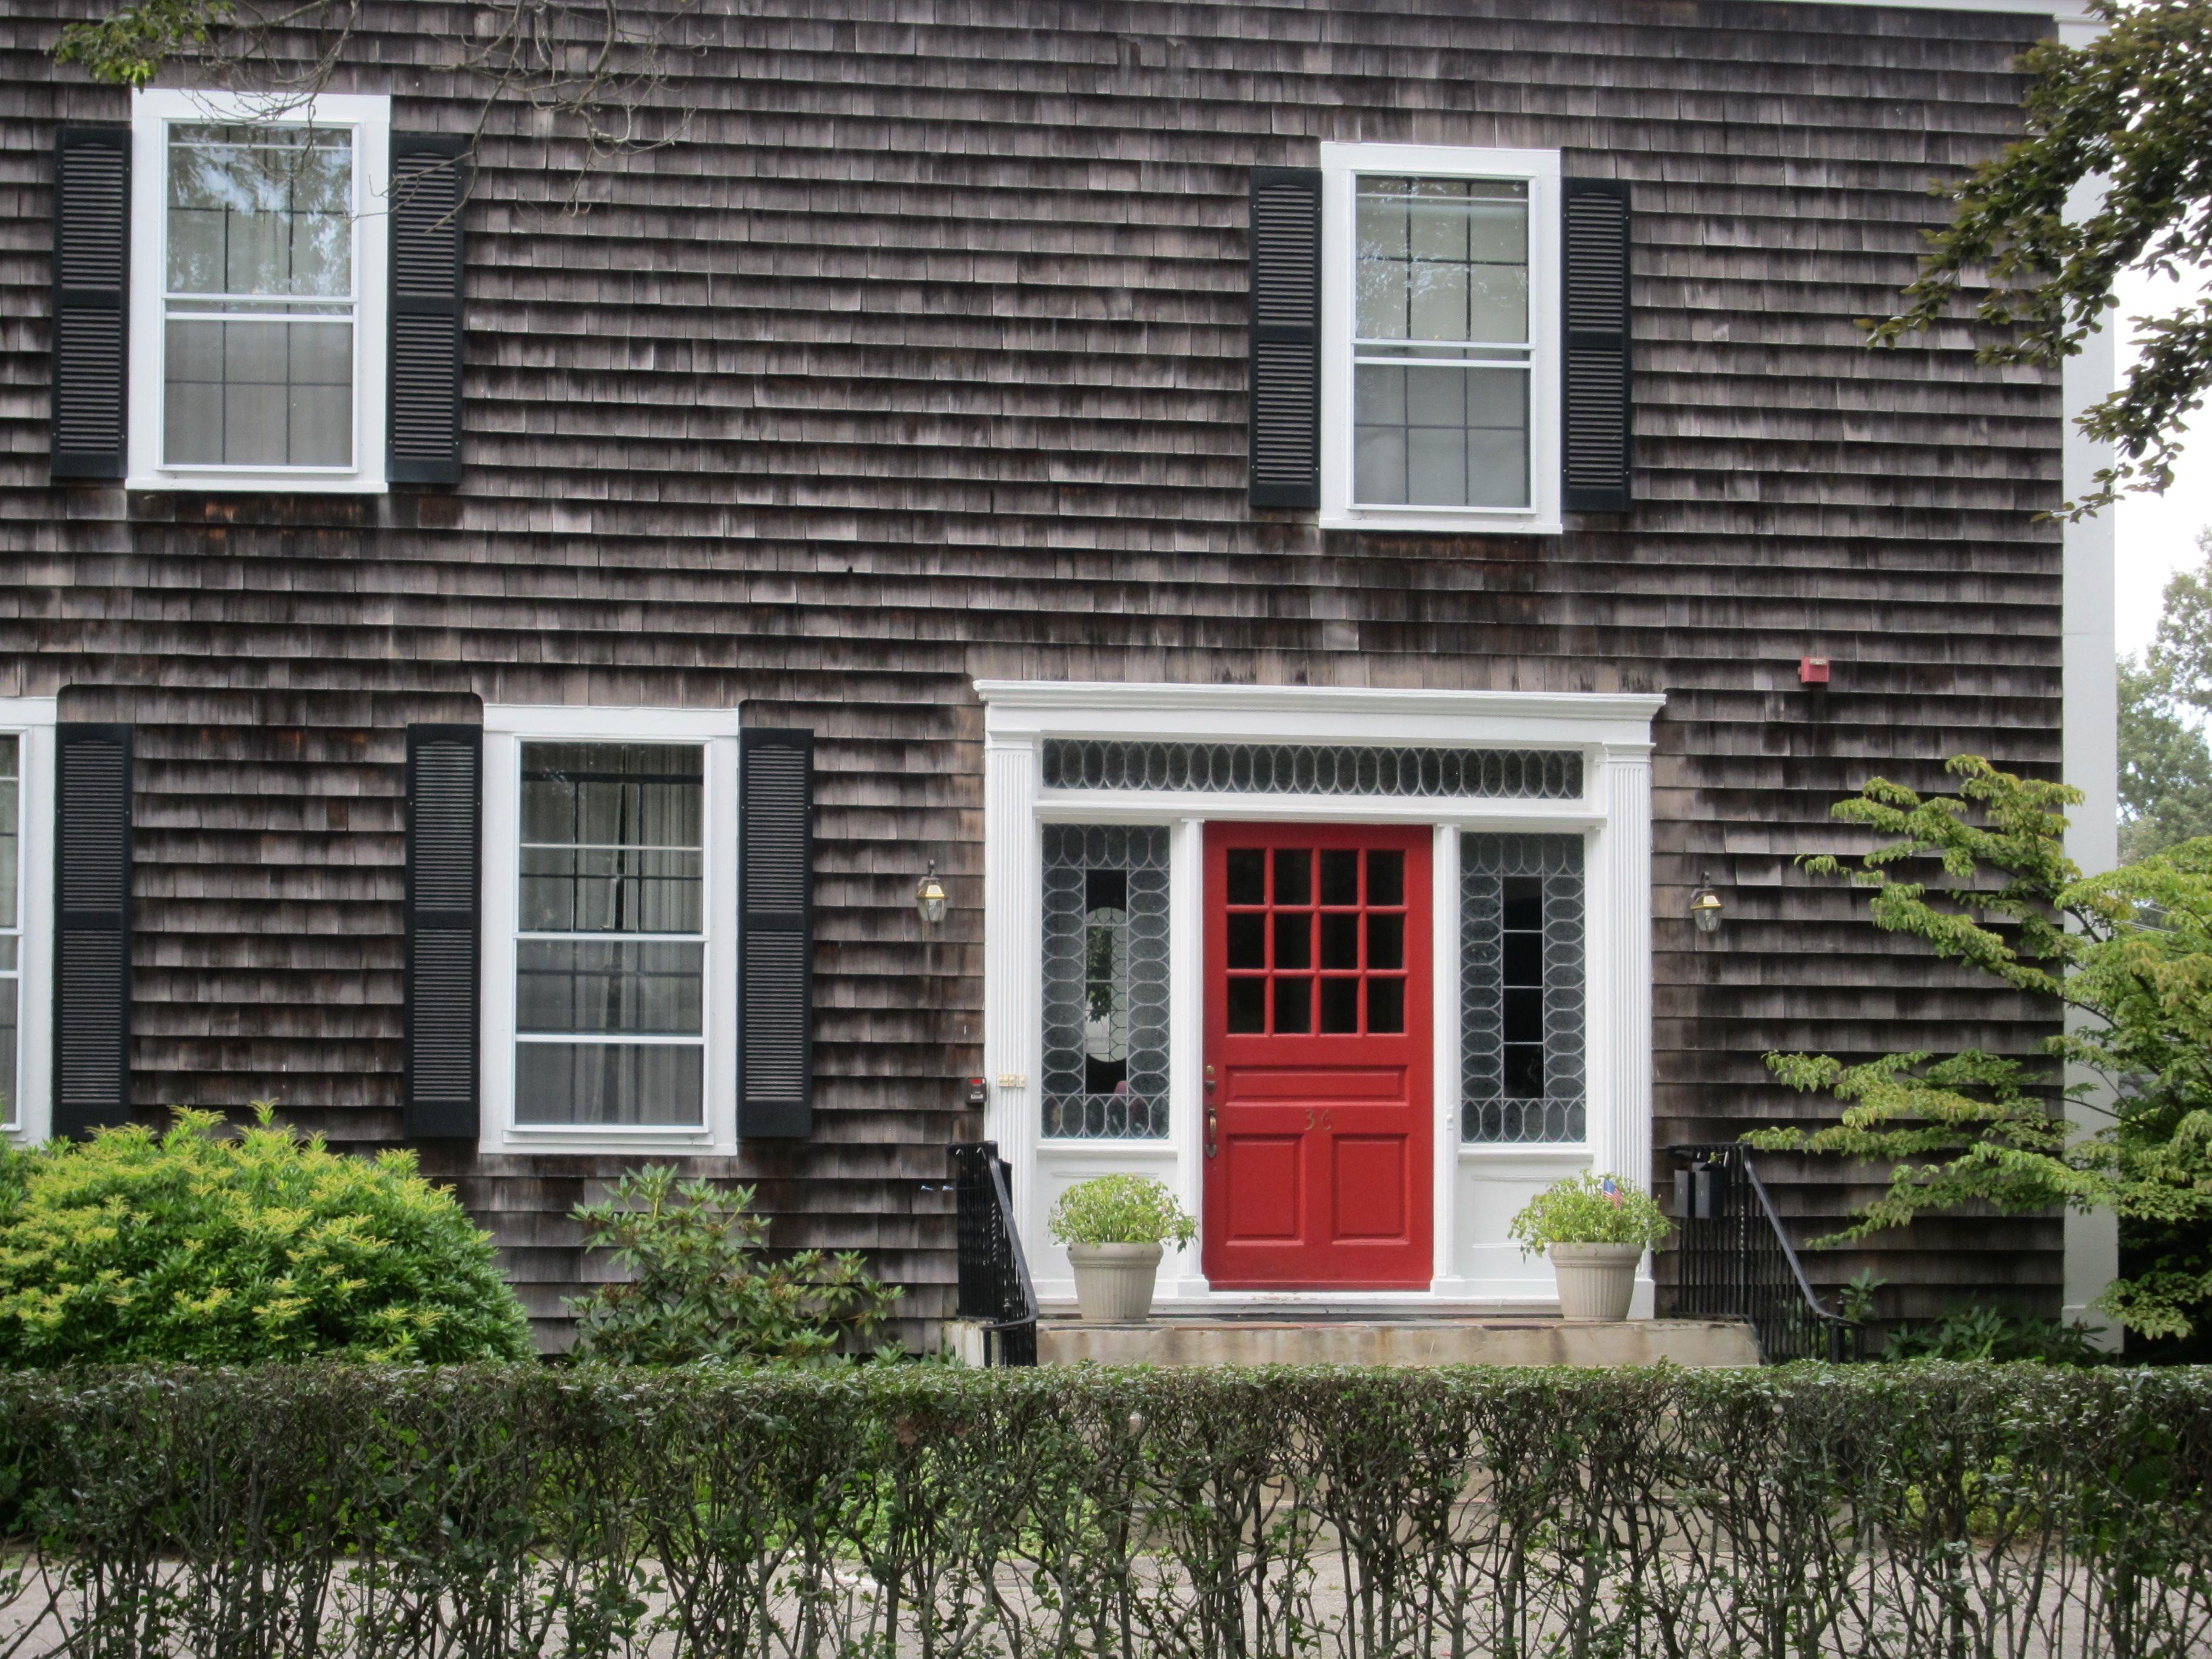 Red door and shingles - Newport RI & Red door and shingles - Newport RI | Color | Pinterest | Newport ... pezcame.com